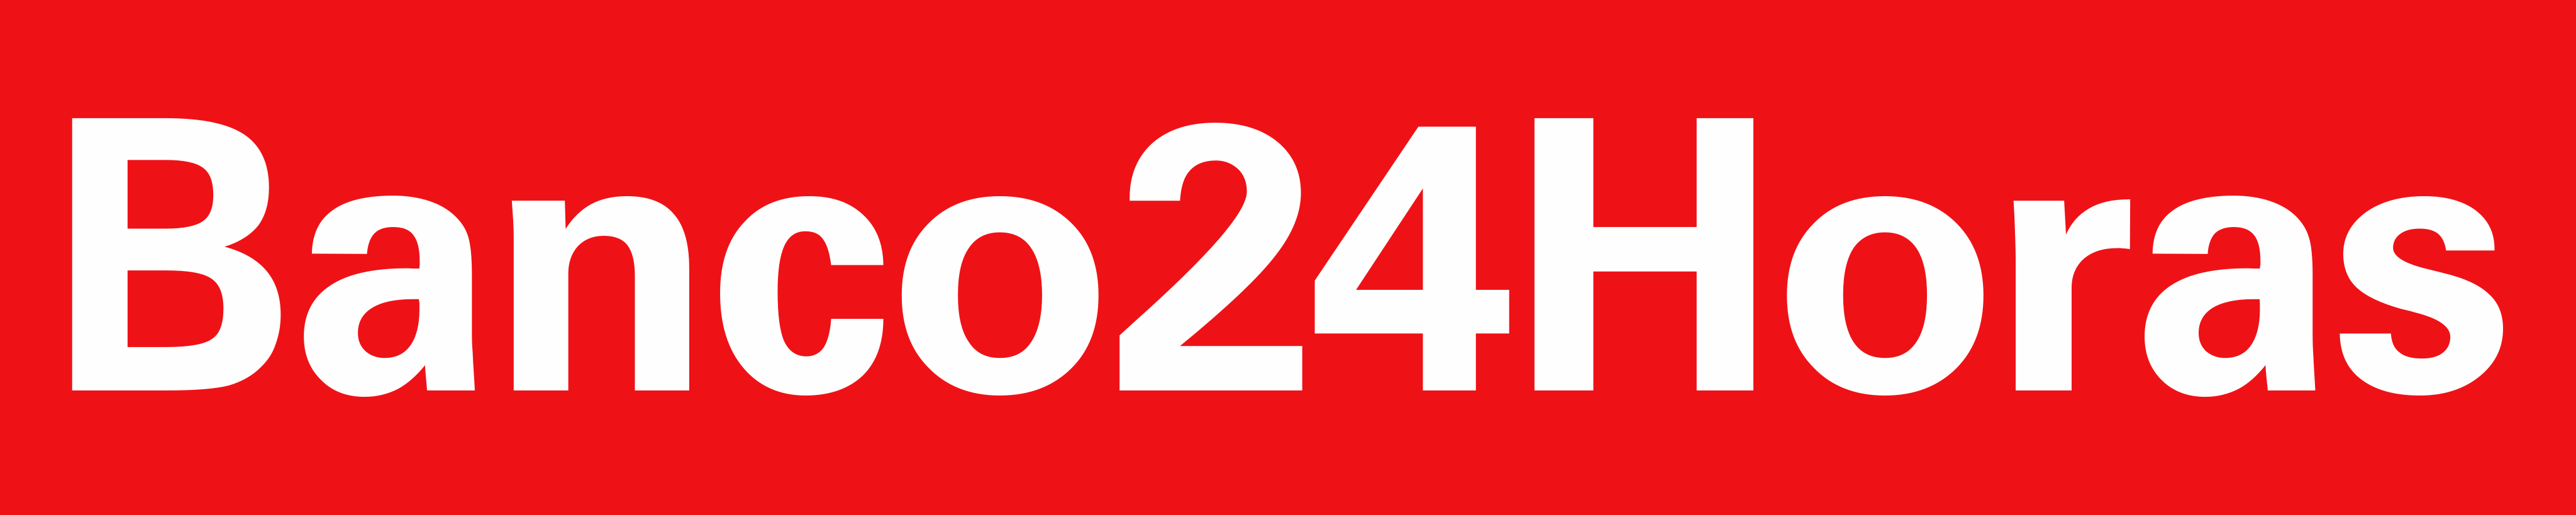 Banco24Horas Logo.